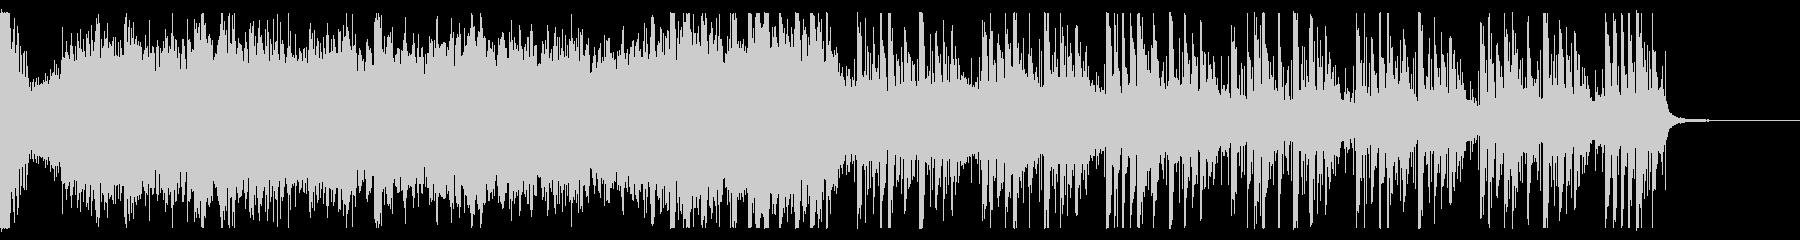 動物 ホーミー アジア ヨガ 禅 の未再生の波形